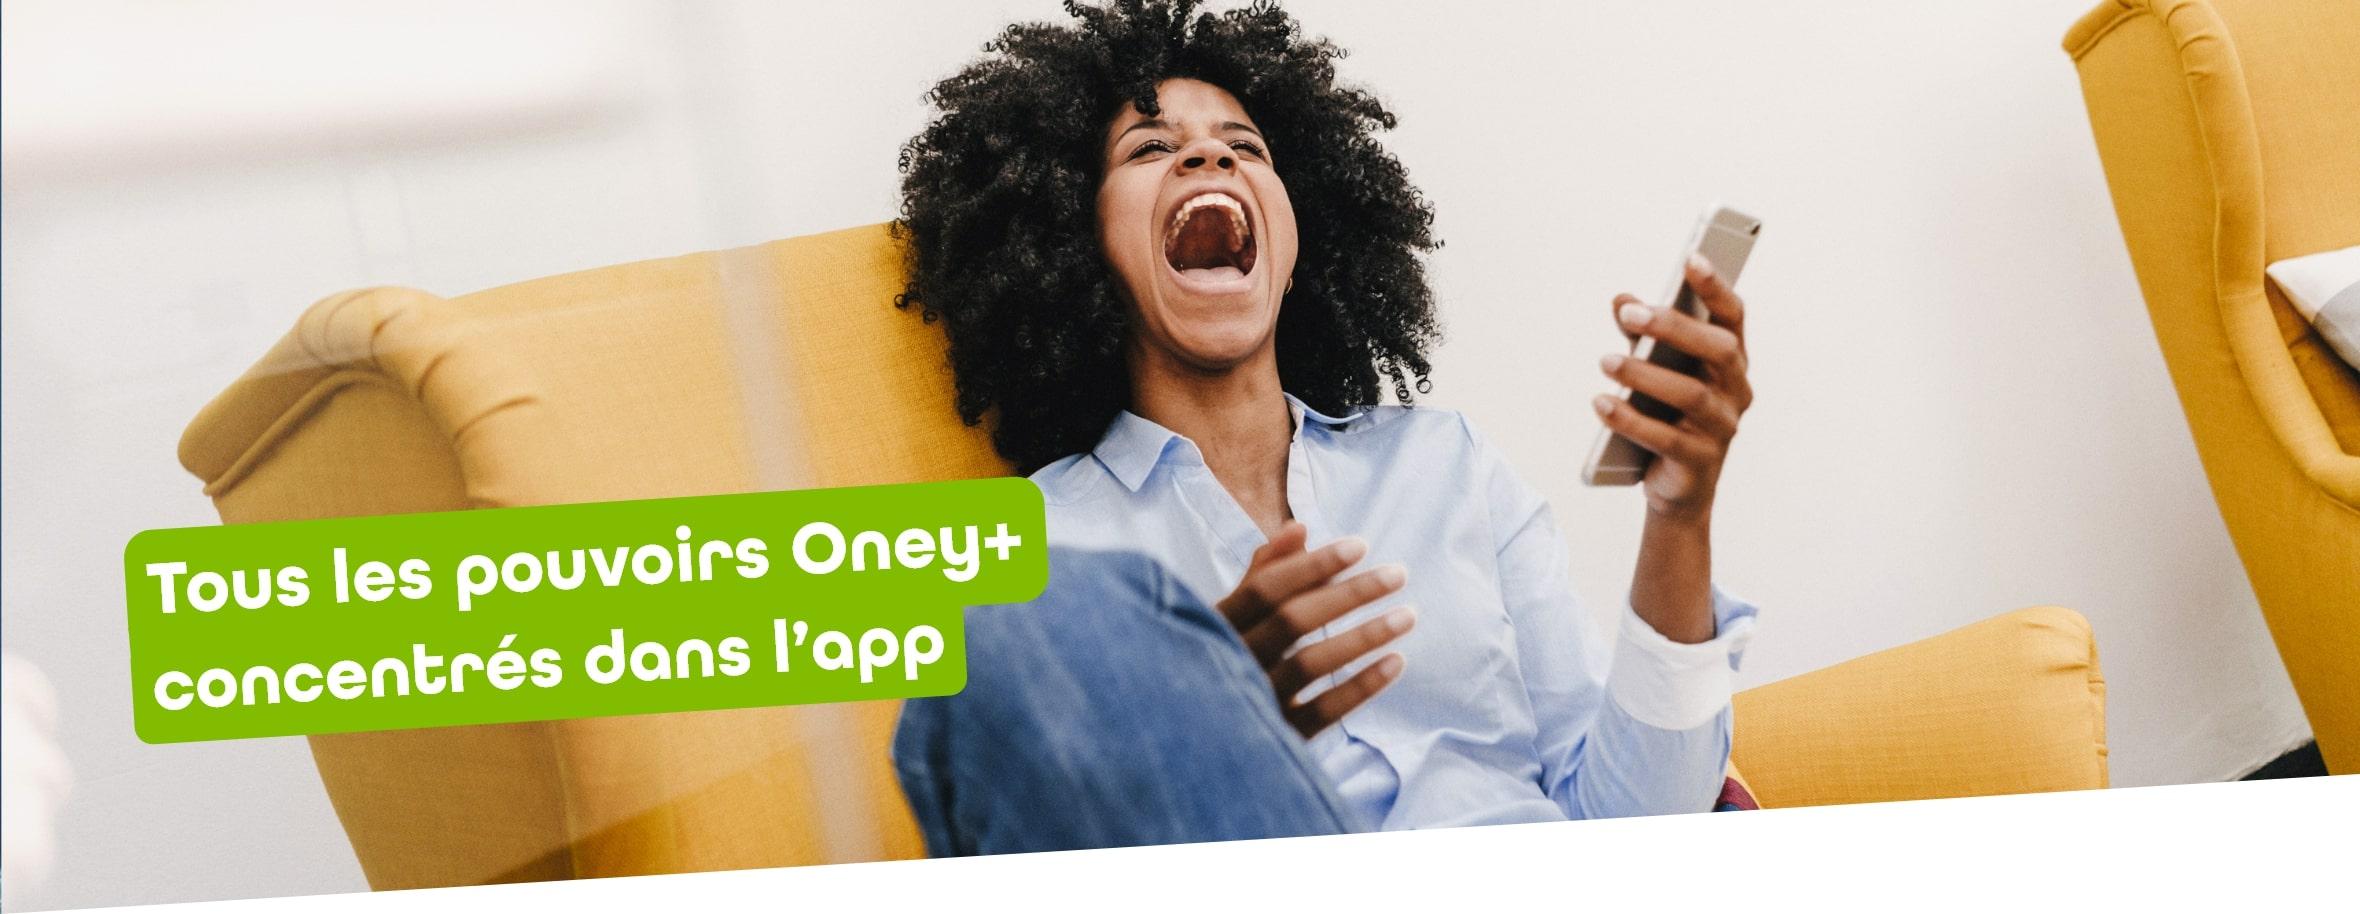 Tous les pouvoirs Oney+ concentrés dans l'app